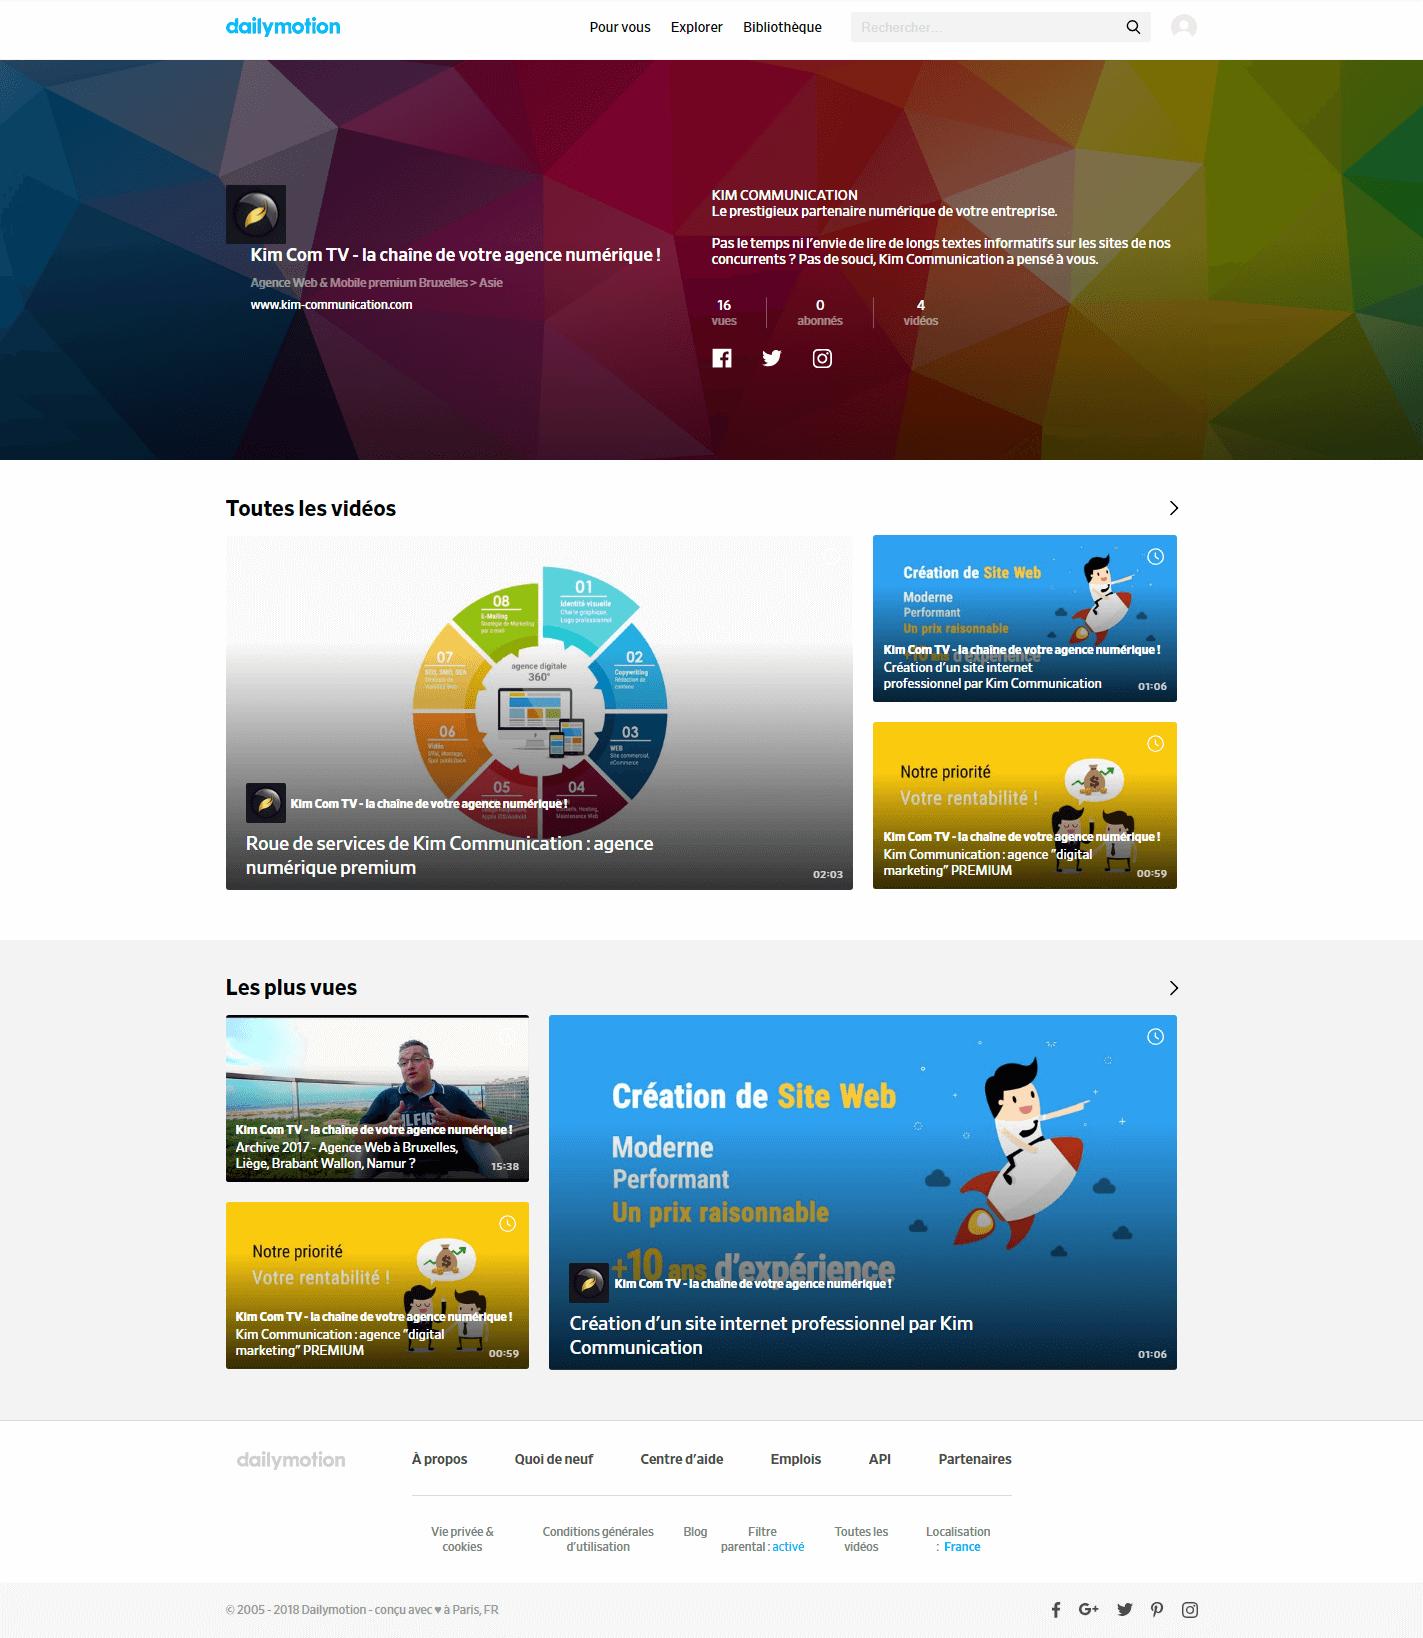 Kim Com TV: la chaîne de votre agence numérique premium